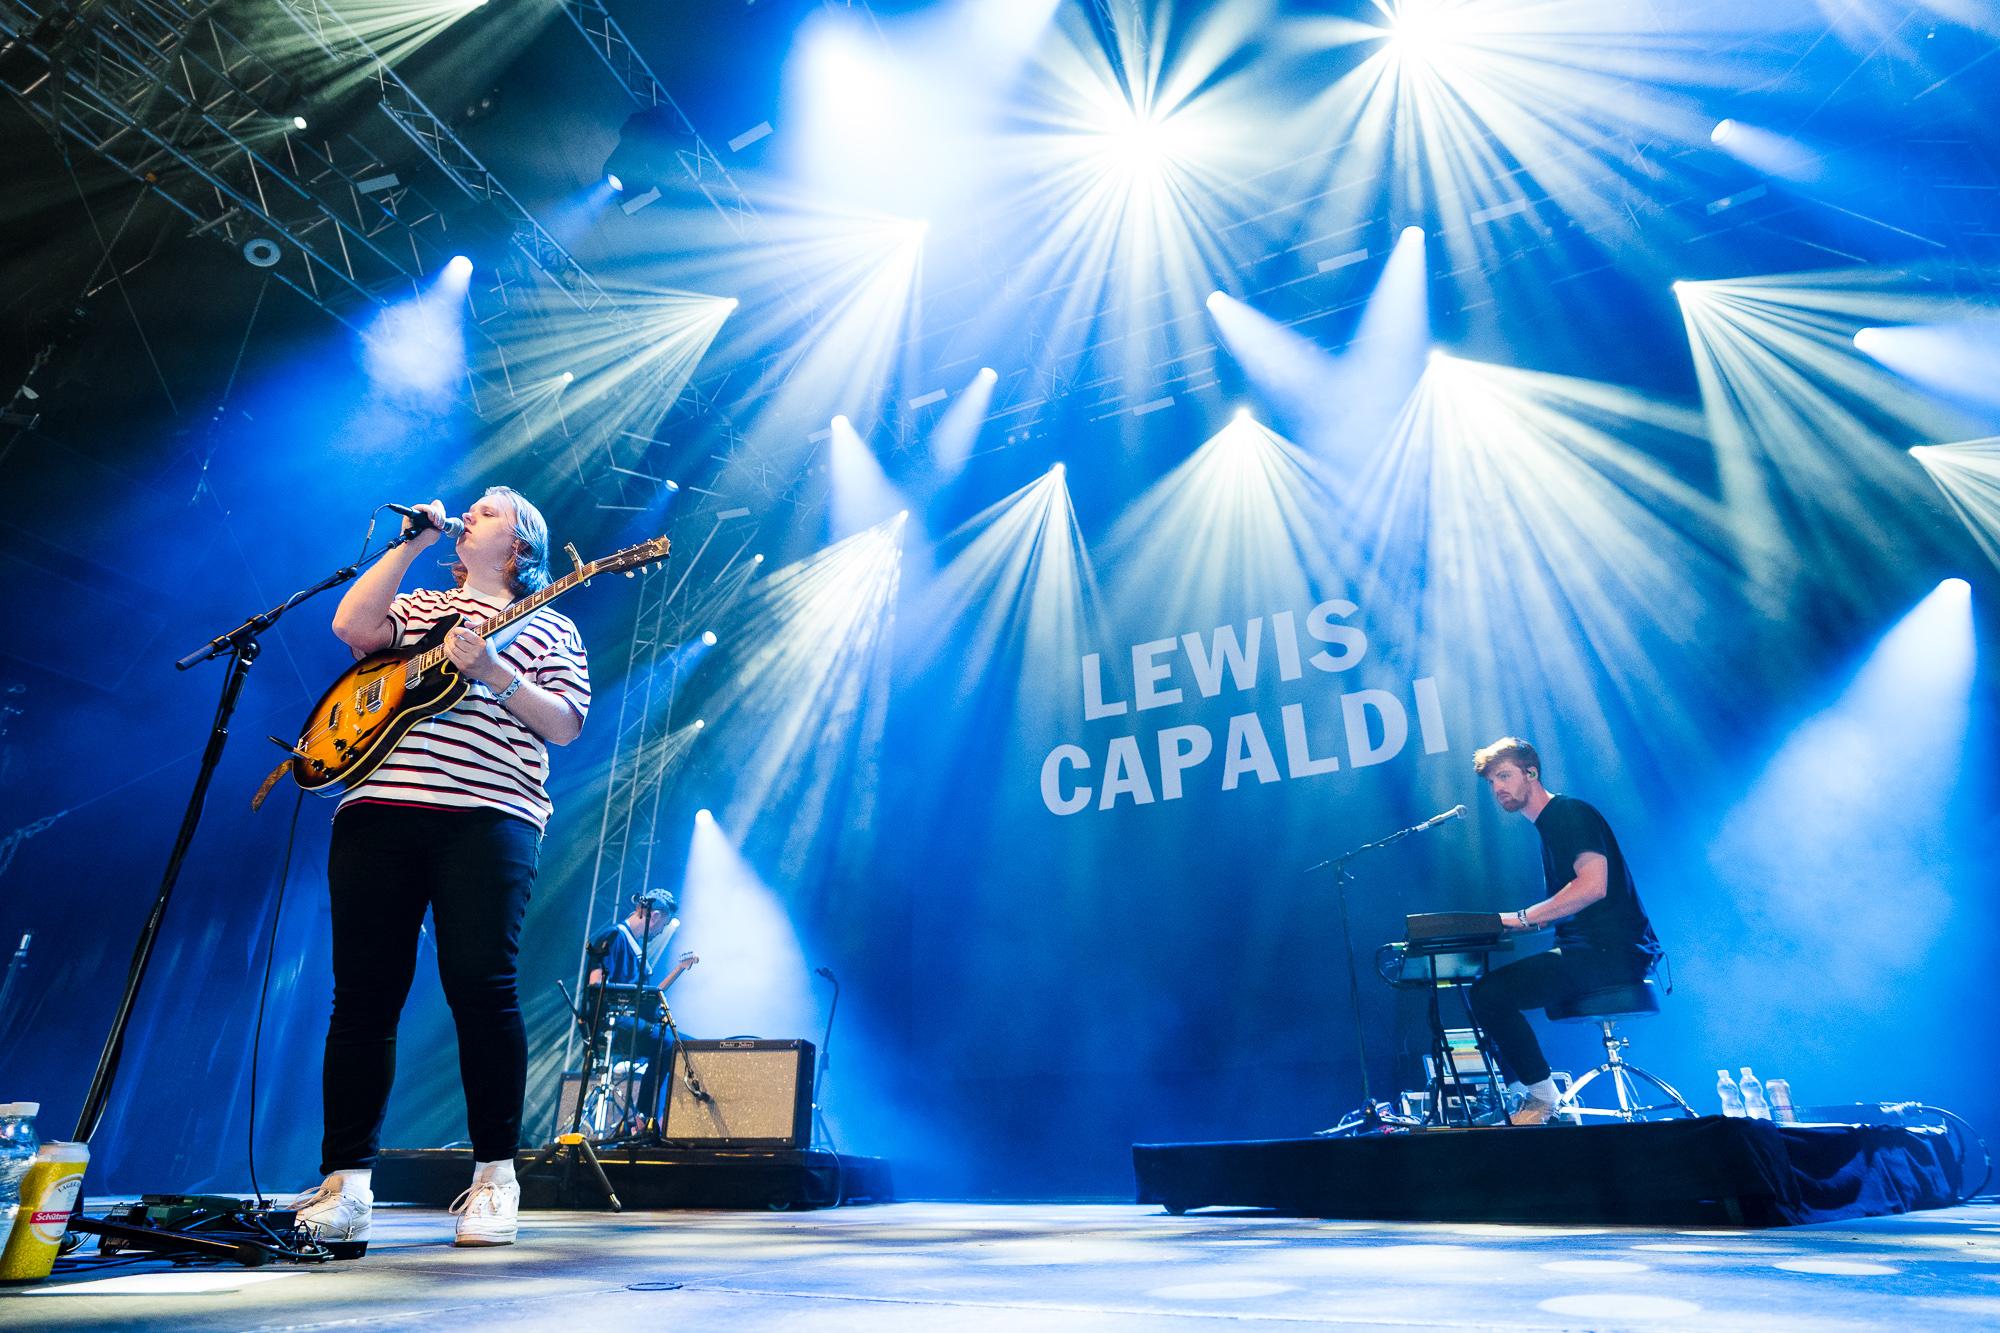 Lewis Capaldi auf Sternenbühne am OpenAir St.Gallen